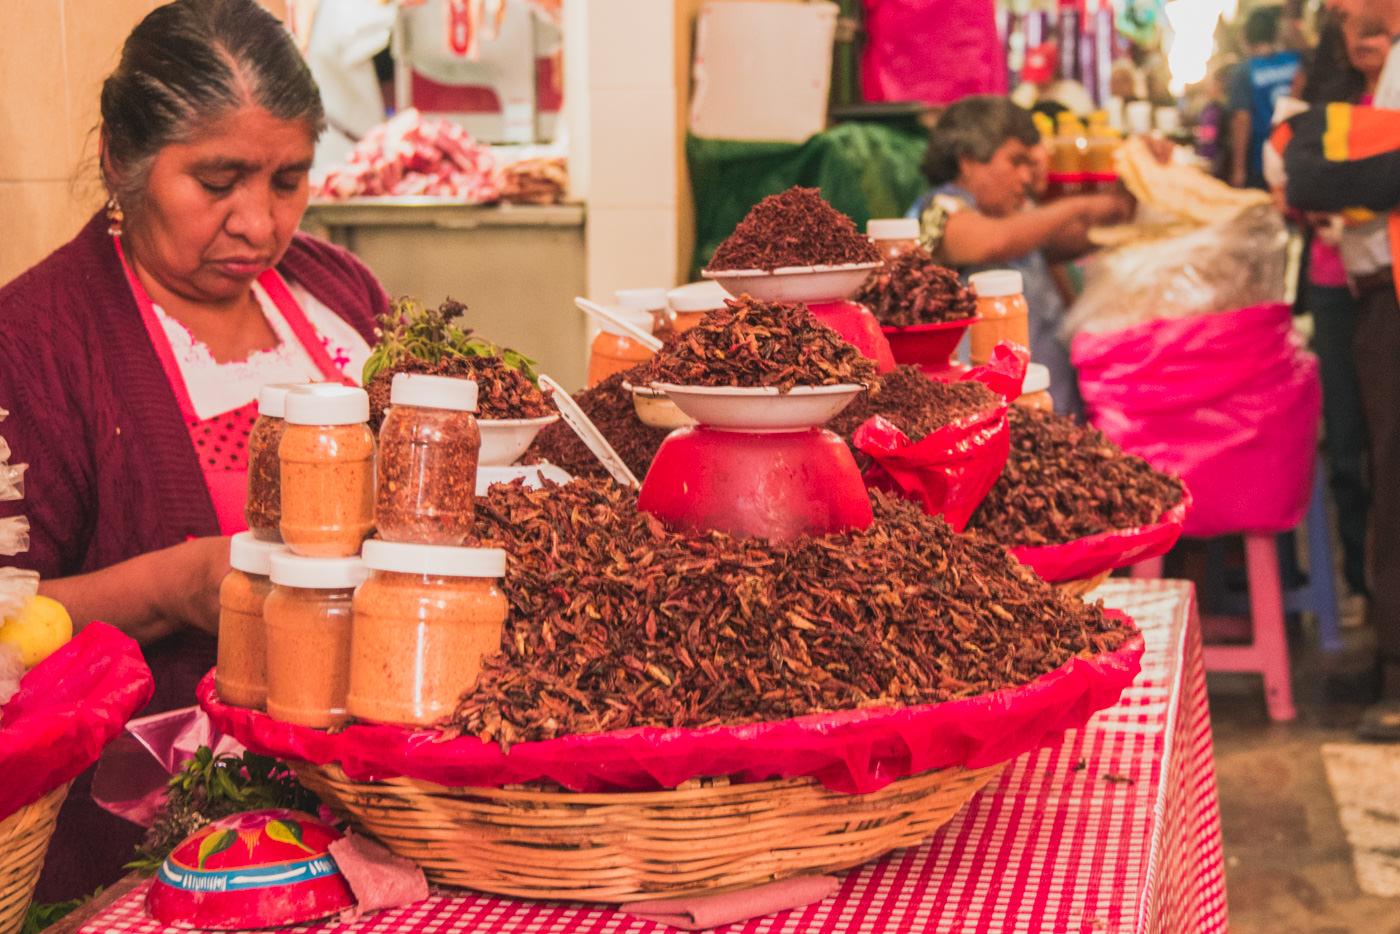 Mercado Benito Juarez. Hier gibt es auch die bei den Mexikanern beliebten Insekten.